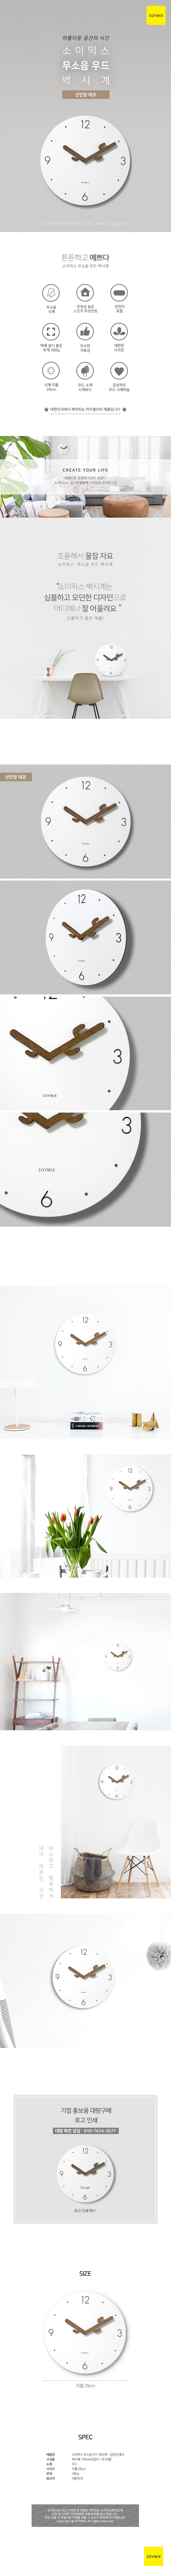 소이믹스 선인장 데코 우드 무소음 벽시계 - 소이믹스, 16,900원, 벽시계, 우드벽시계